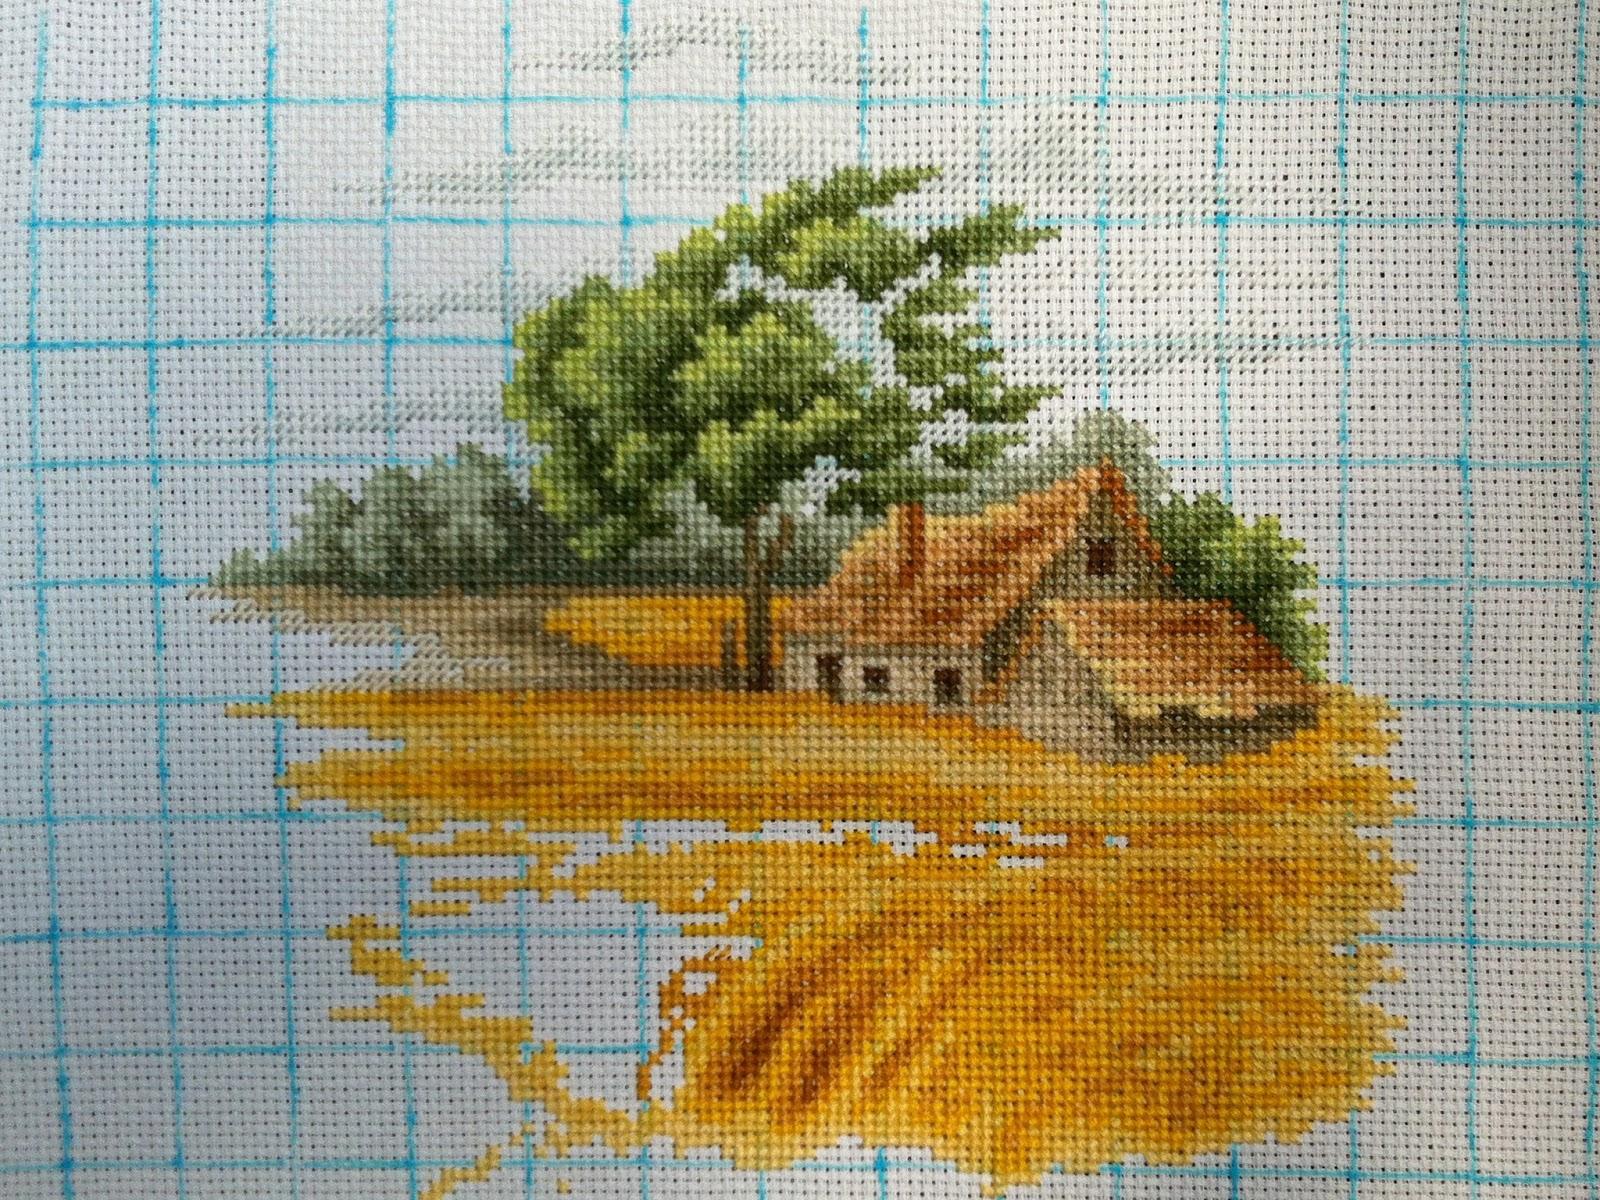 Вышивка крестом осенний пейзаж luca-s 763